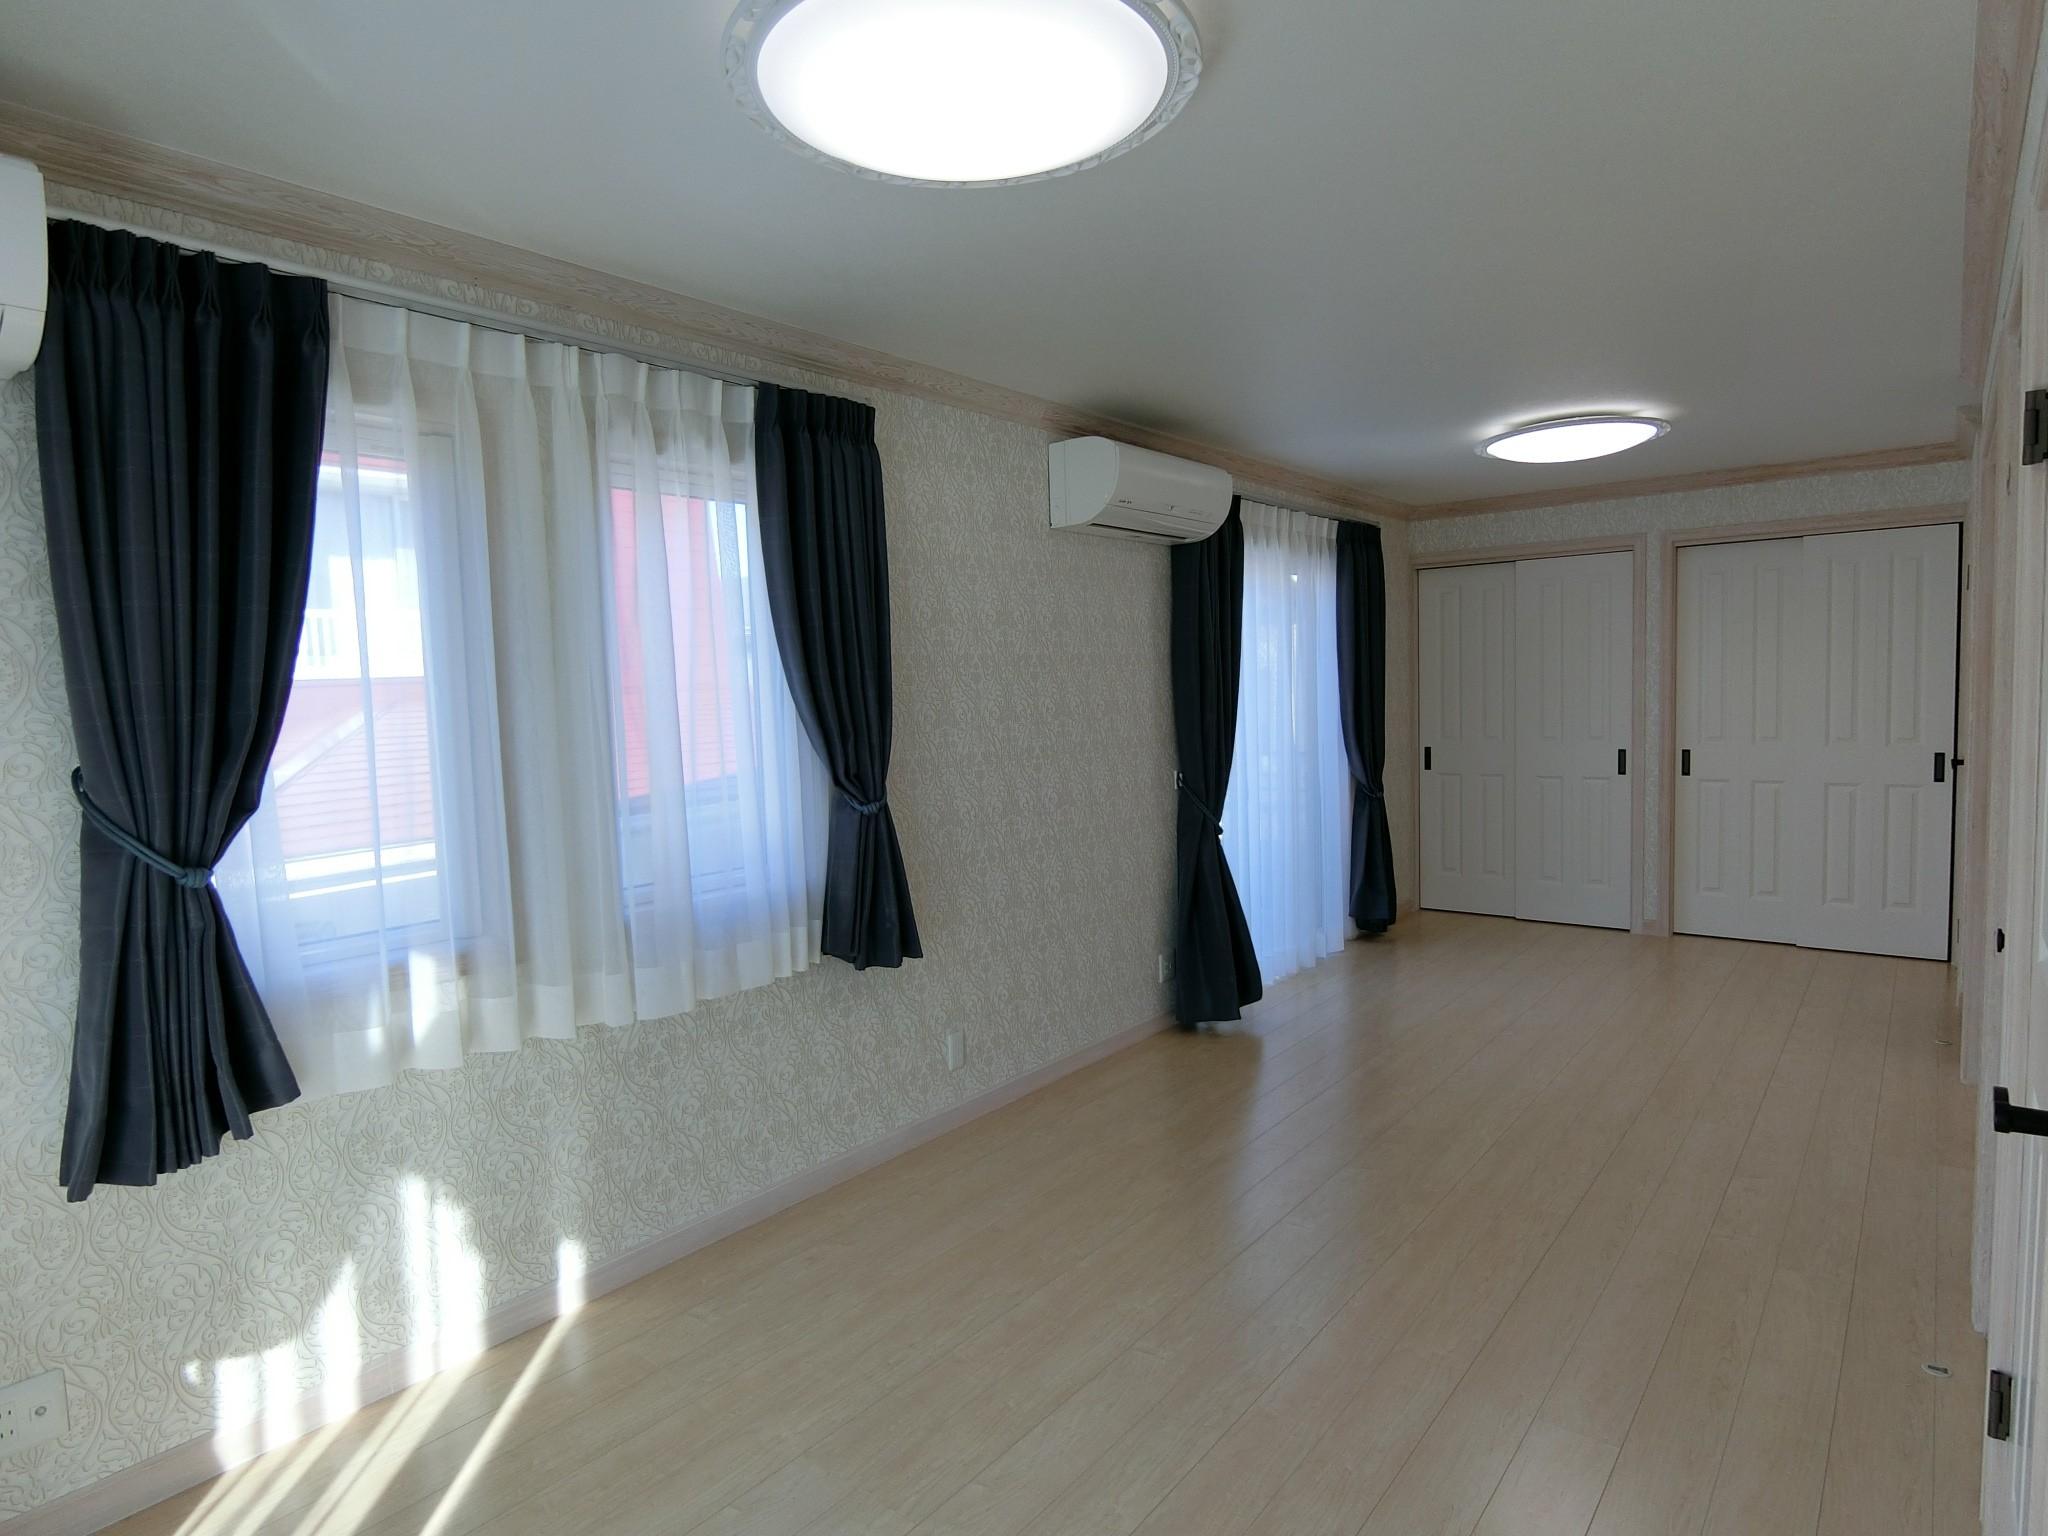 ベッドルーム事例:将来2部屋に分ける子供部屋(パリの家 Le Logement de Paris憧れの住まいを。)